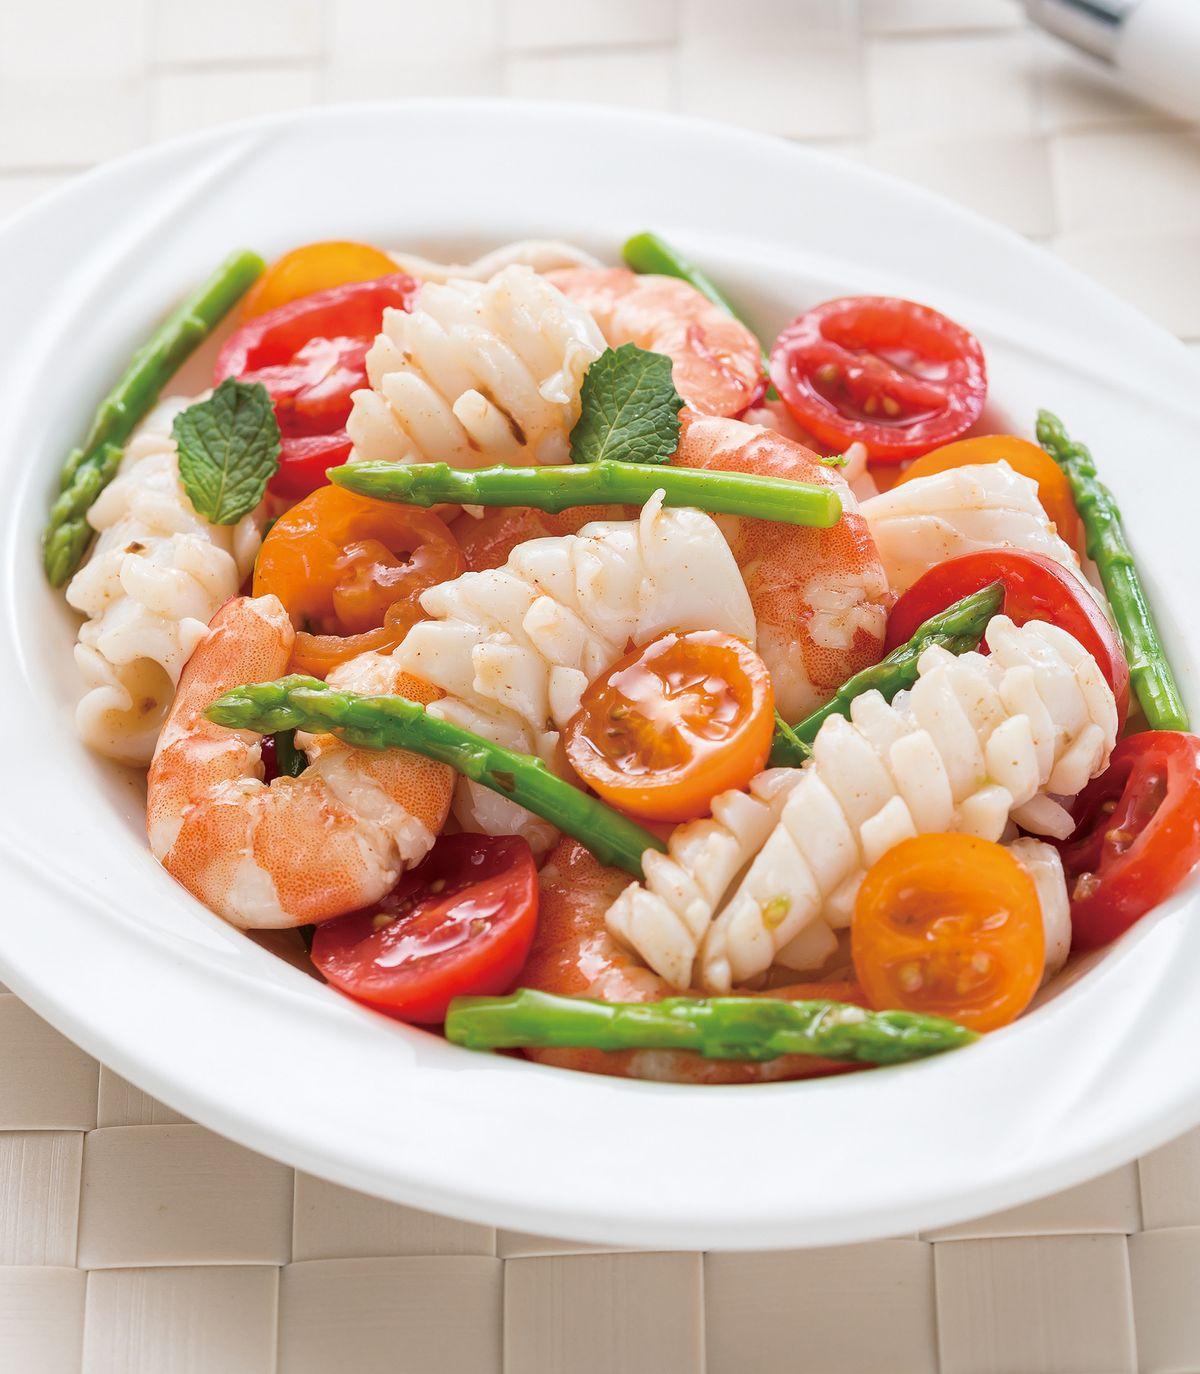 食譜:梅醬拌海鮮